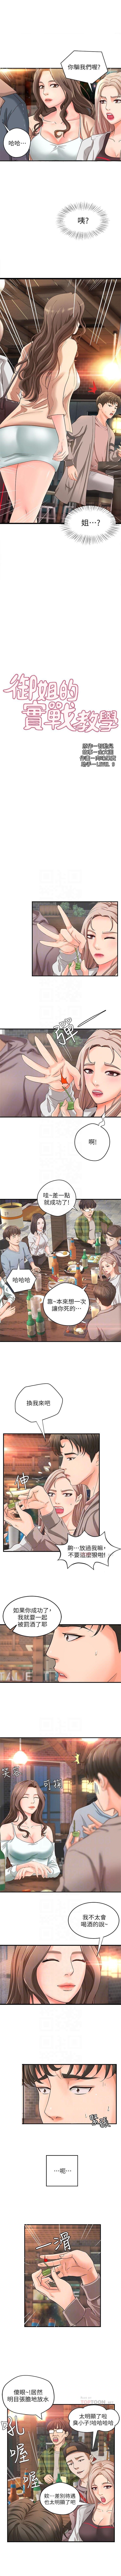 御姐的實戰教學 1-27 官方中文(連載中) 28